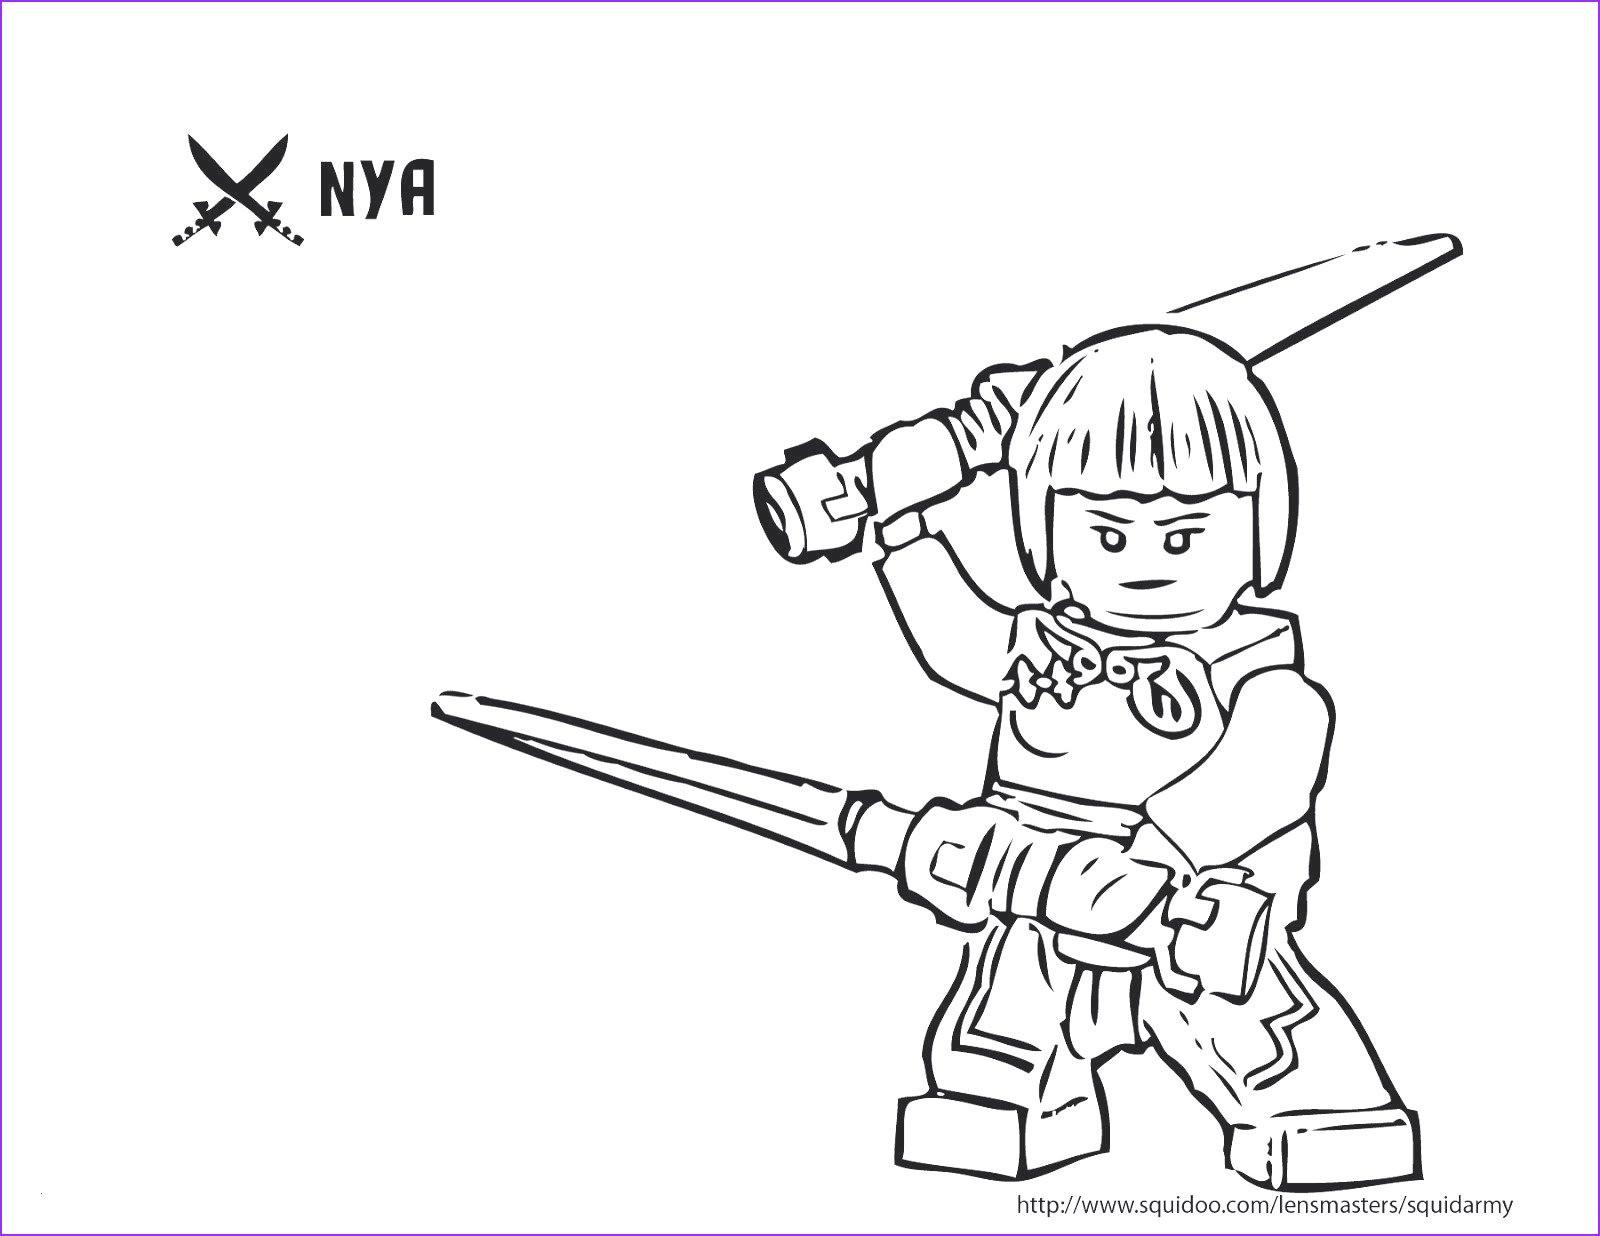 Lego Ninjago Zum Ausmalen Das Beste Von Frisch 30 Lego Ninjago tournament Spiel Ideen Luxus Ninjago Bild